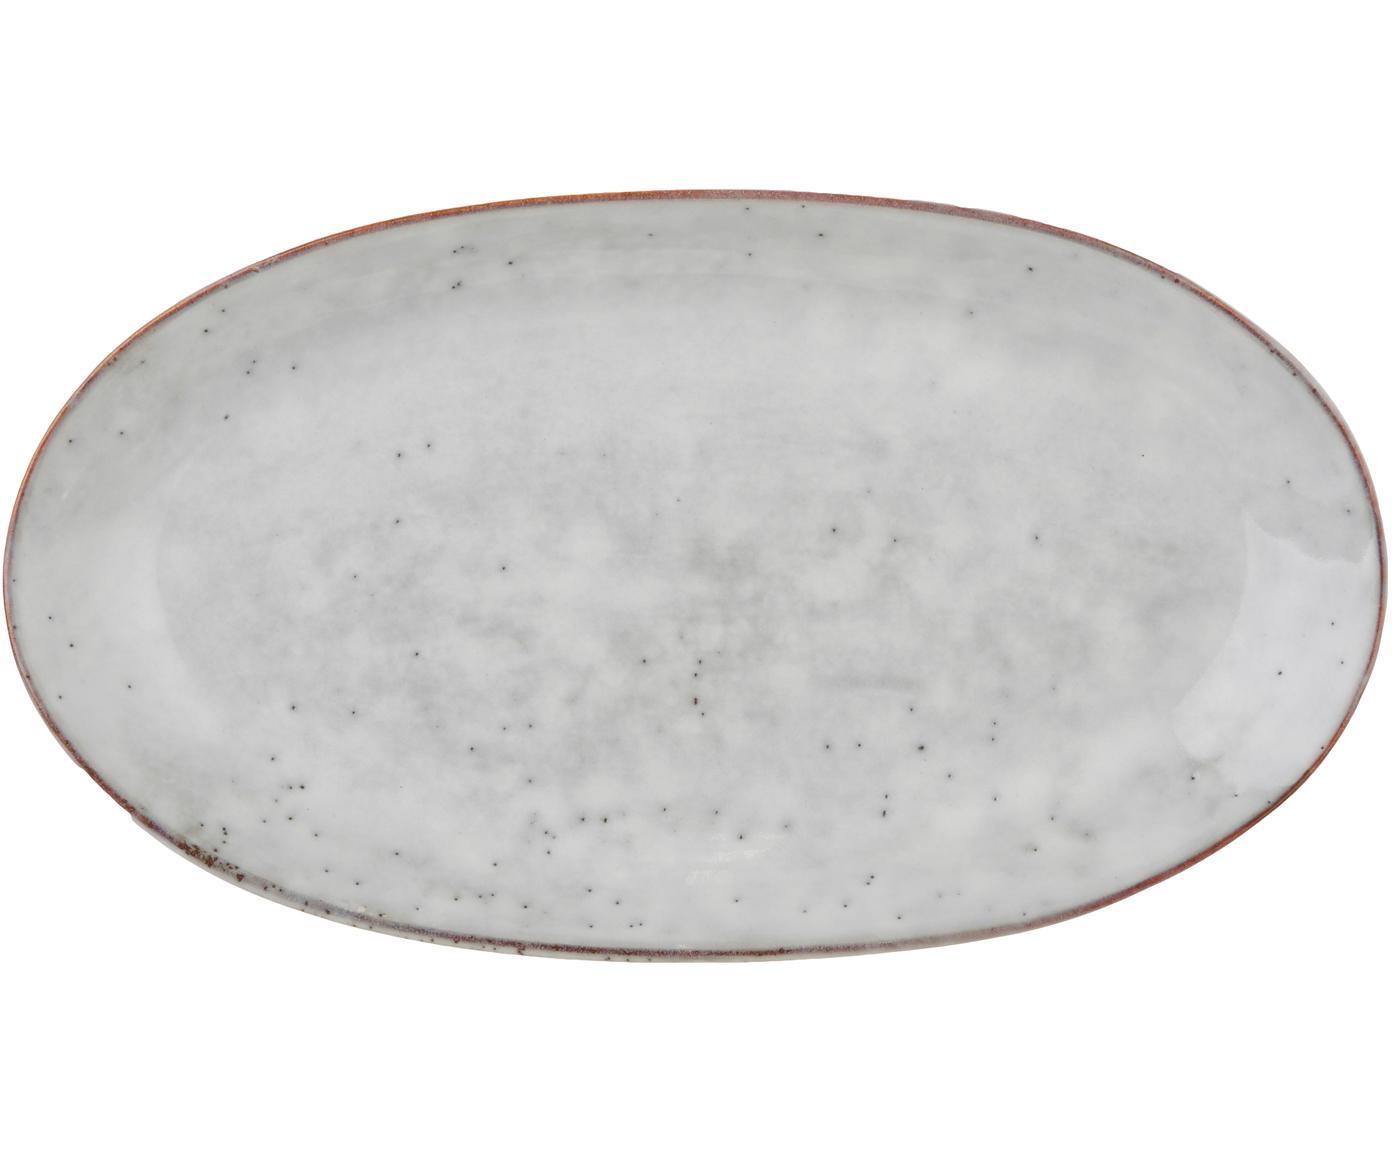 Handgefertigte Servierplatte Nordic Sand aus Steingut, Steingut, Sand, 17 x 30 cm